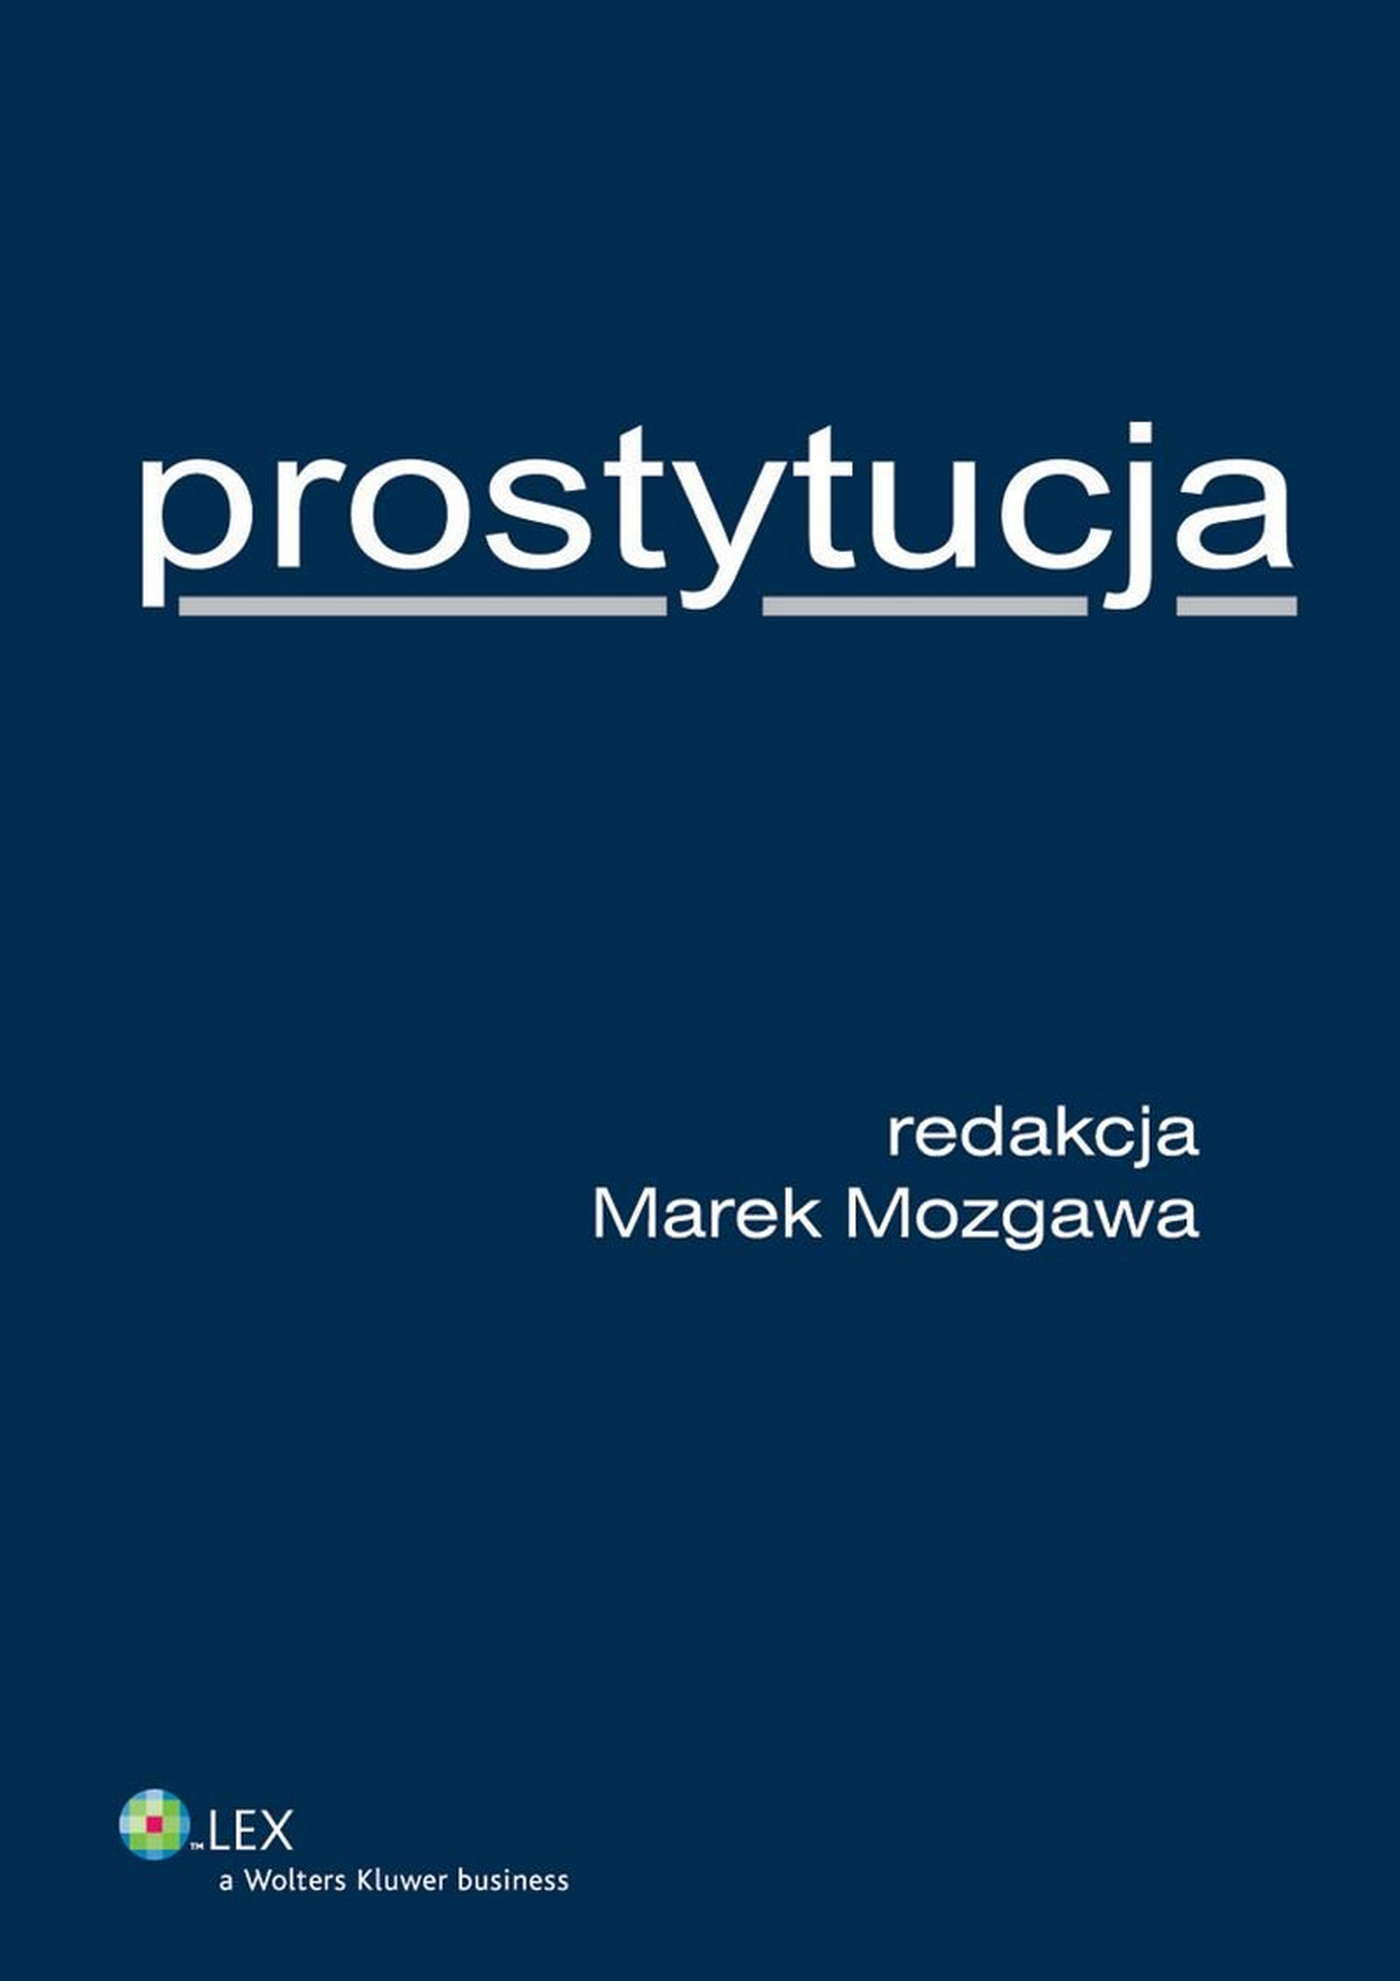 Prostytucja - Ebook (Książka EPUB) do pobrania w formacie EPUB